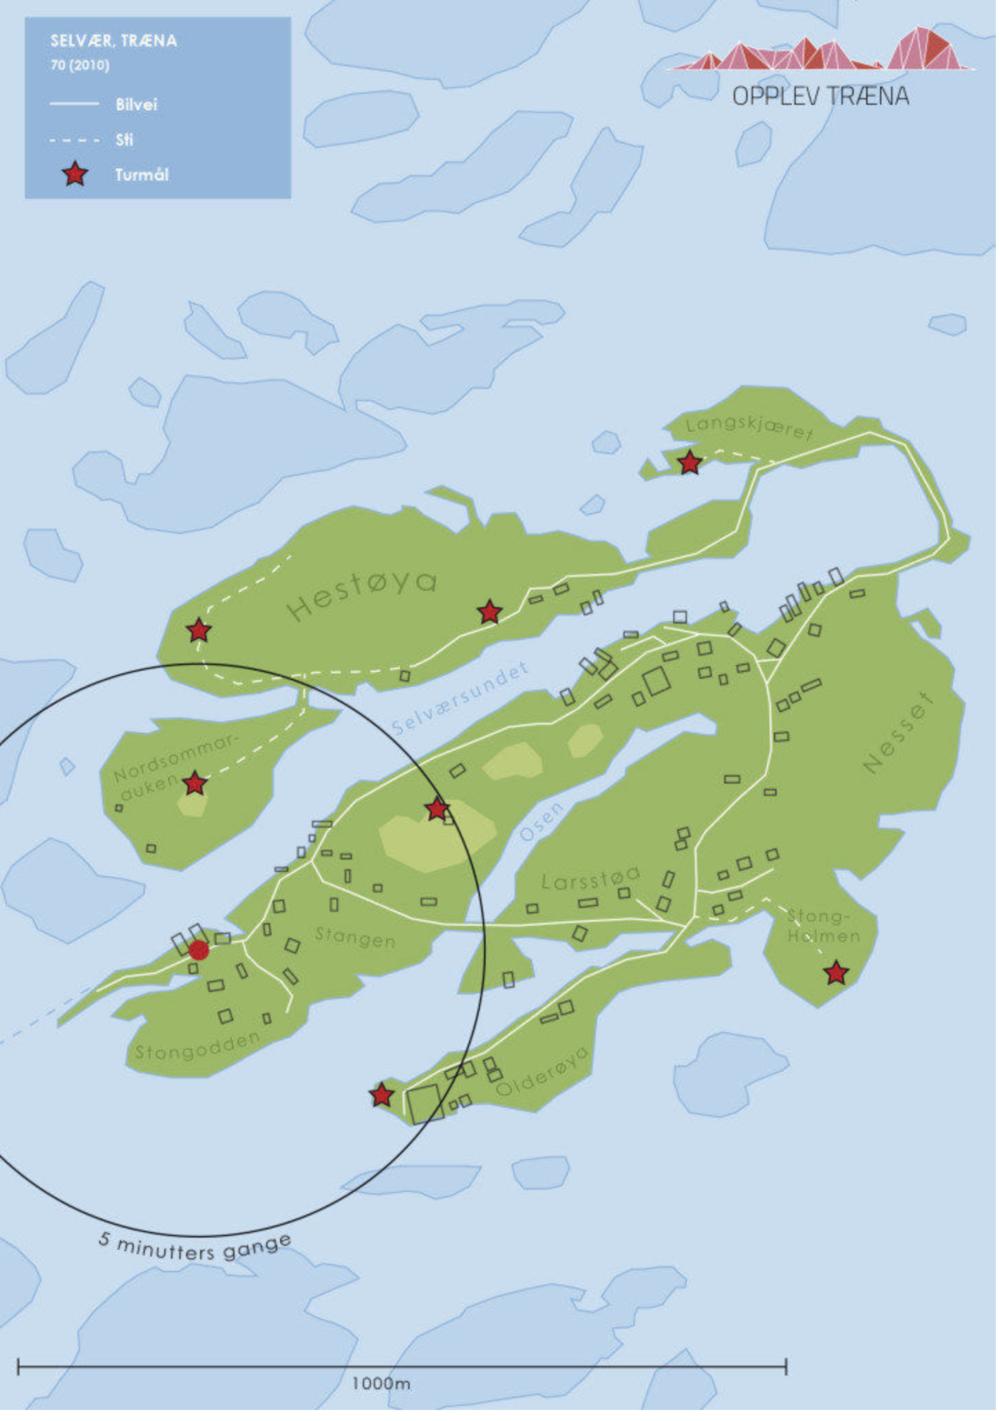 Selvær med bebyggelse, veier og stier:  Sentrum for sirkelen er hurtigbåtkaia. Den lengste vandringen er nok til grillhytta - et flott utsiktspunkt og trivelig rasteplass med ly for været - som ligger på toppen av Nordsommarauken. Den turen tar en halvtimes tid.  OBS!  De mellomblå feltene rundt Selvær, er alle holmer rundt oss, og  ikke  dypere vannlag.